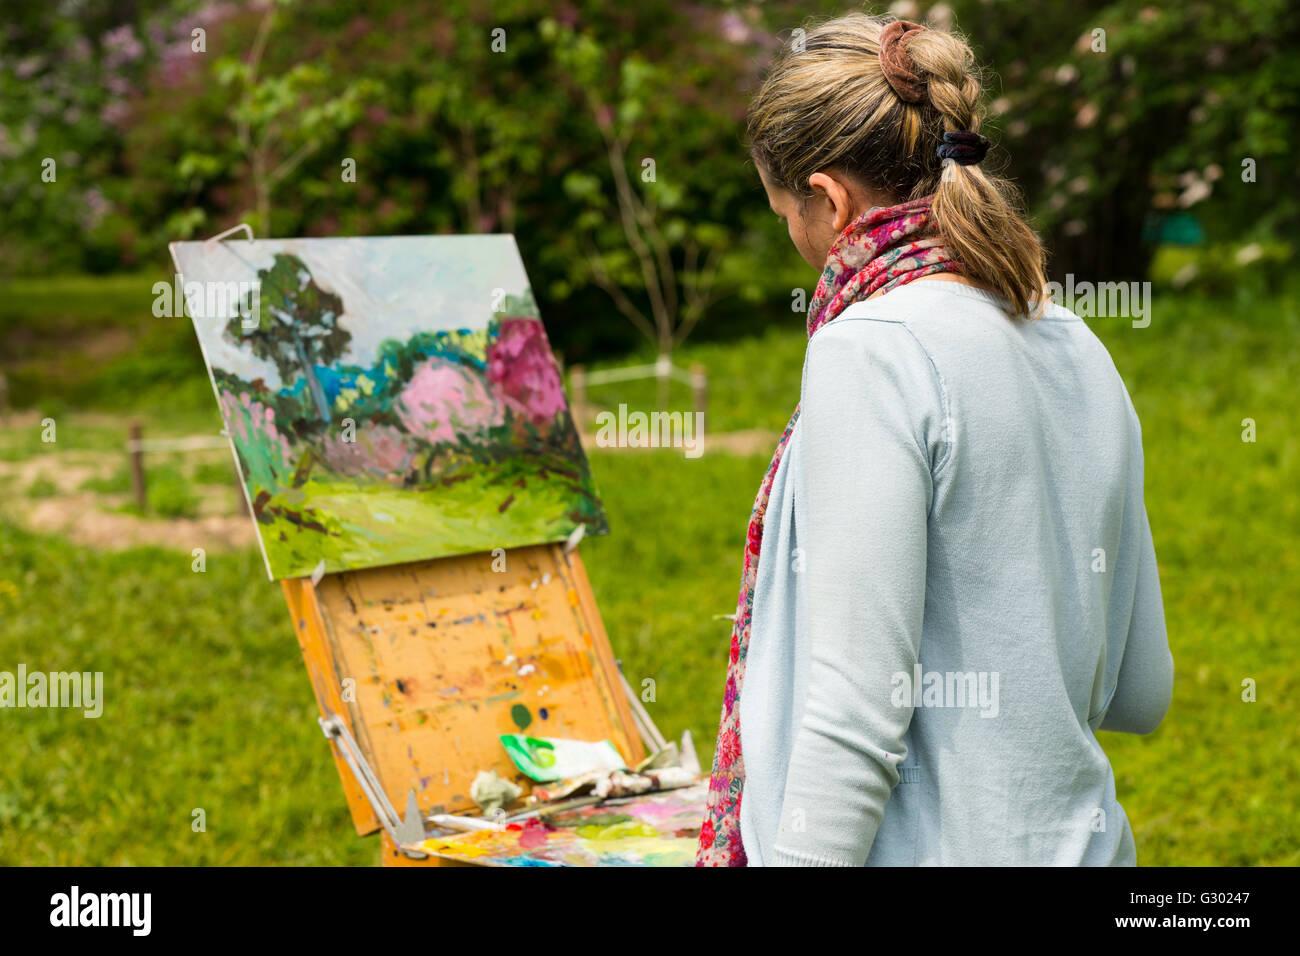 Ruckseitige Ansicht Von Einer Weiblichen Kunstlerin Arbeitet Auf